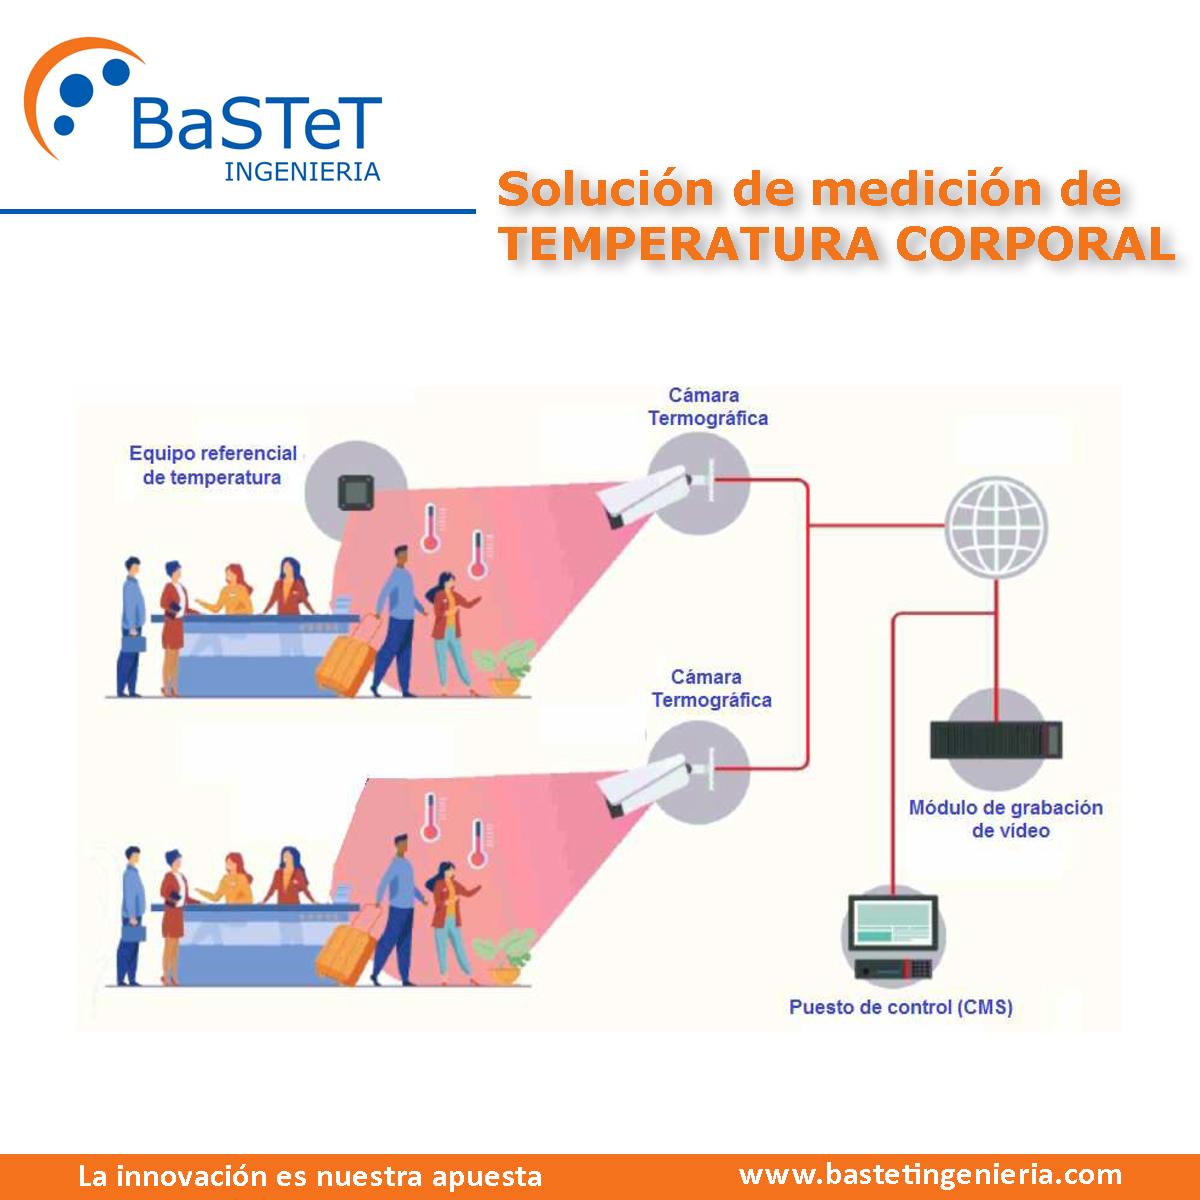 Solución de medición de TEMPERATURA CORPORAL